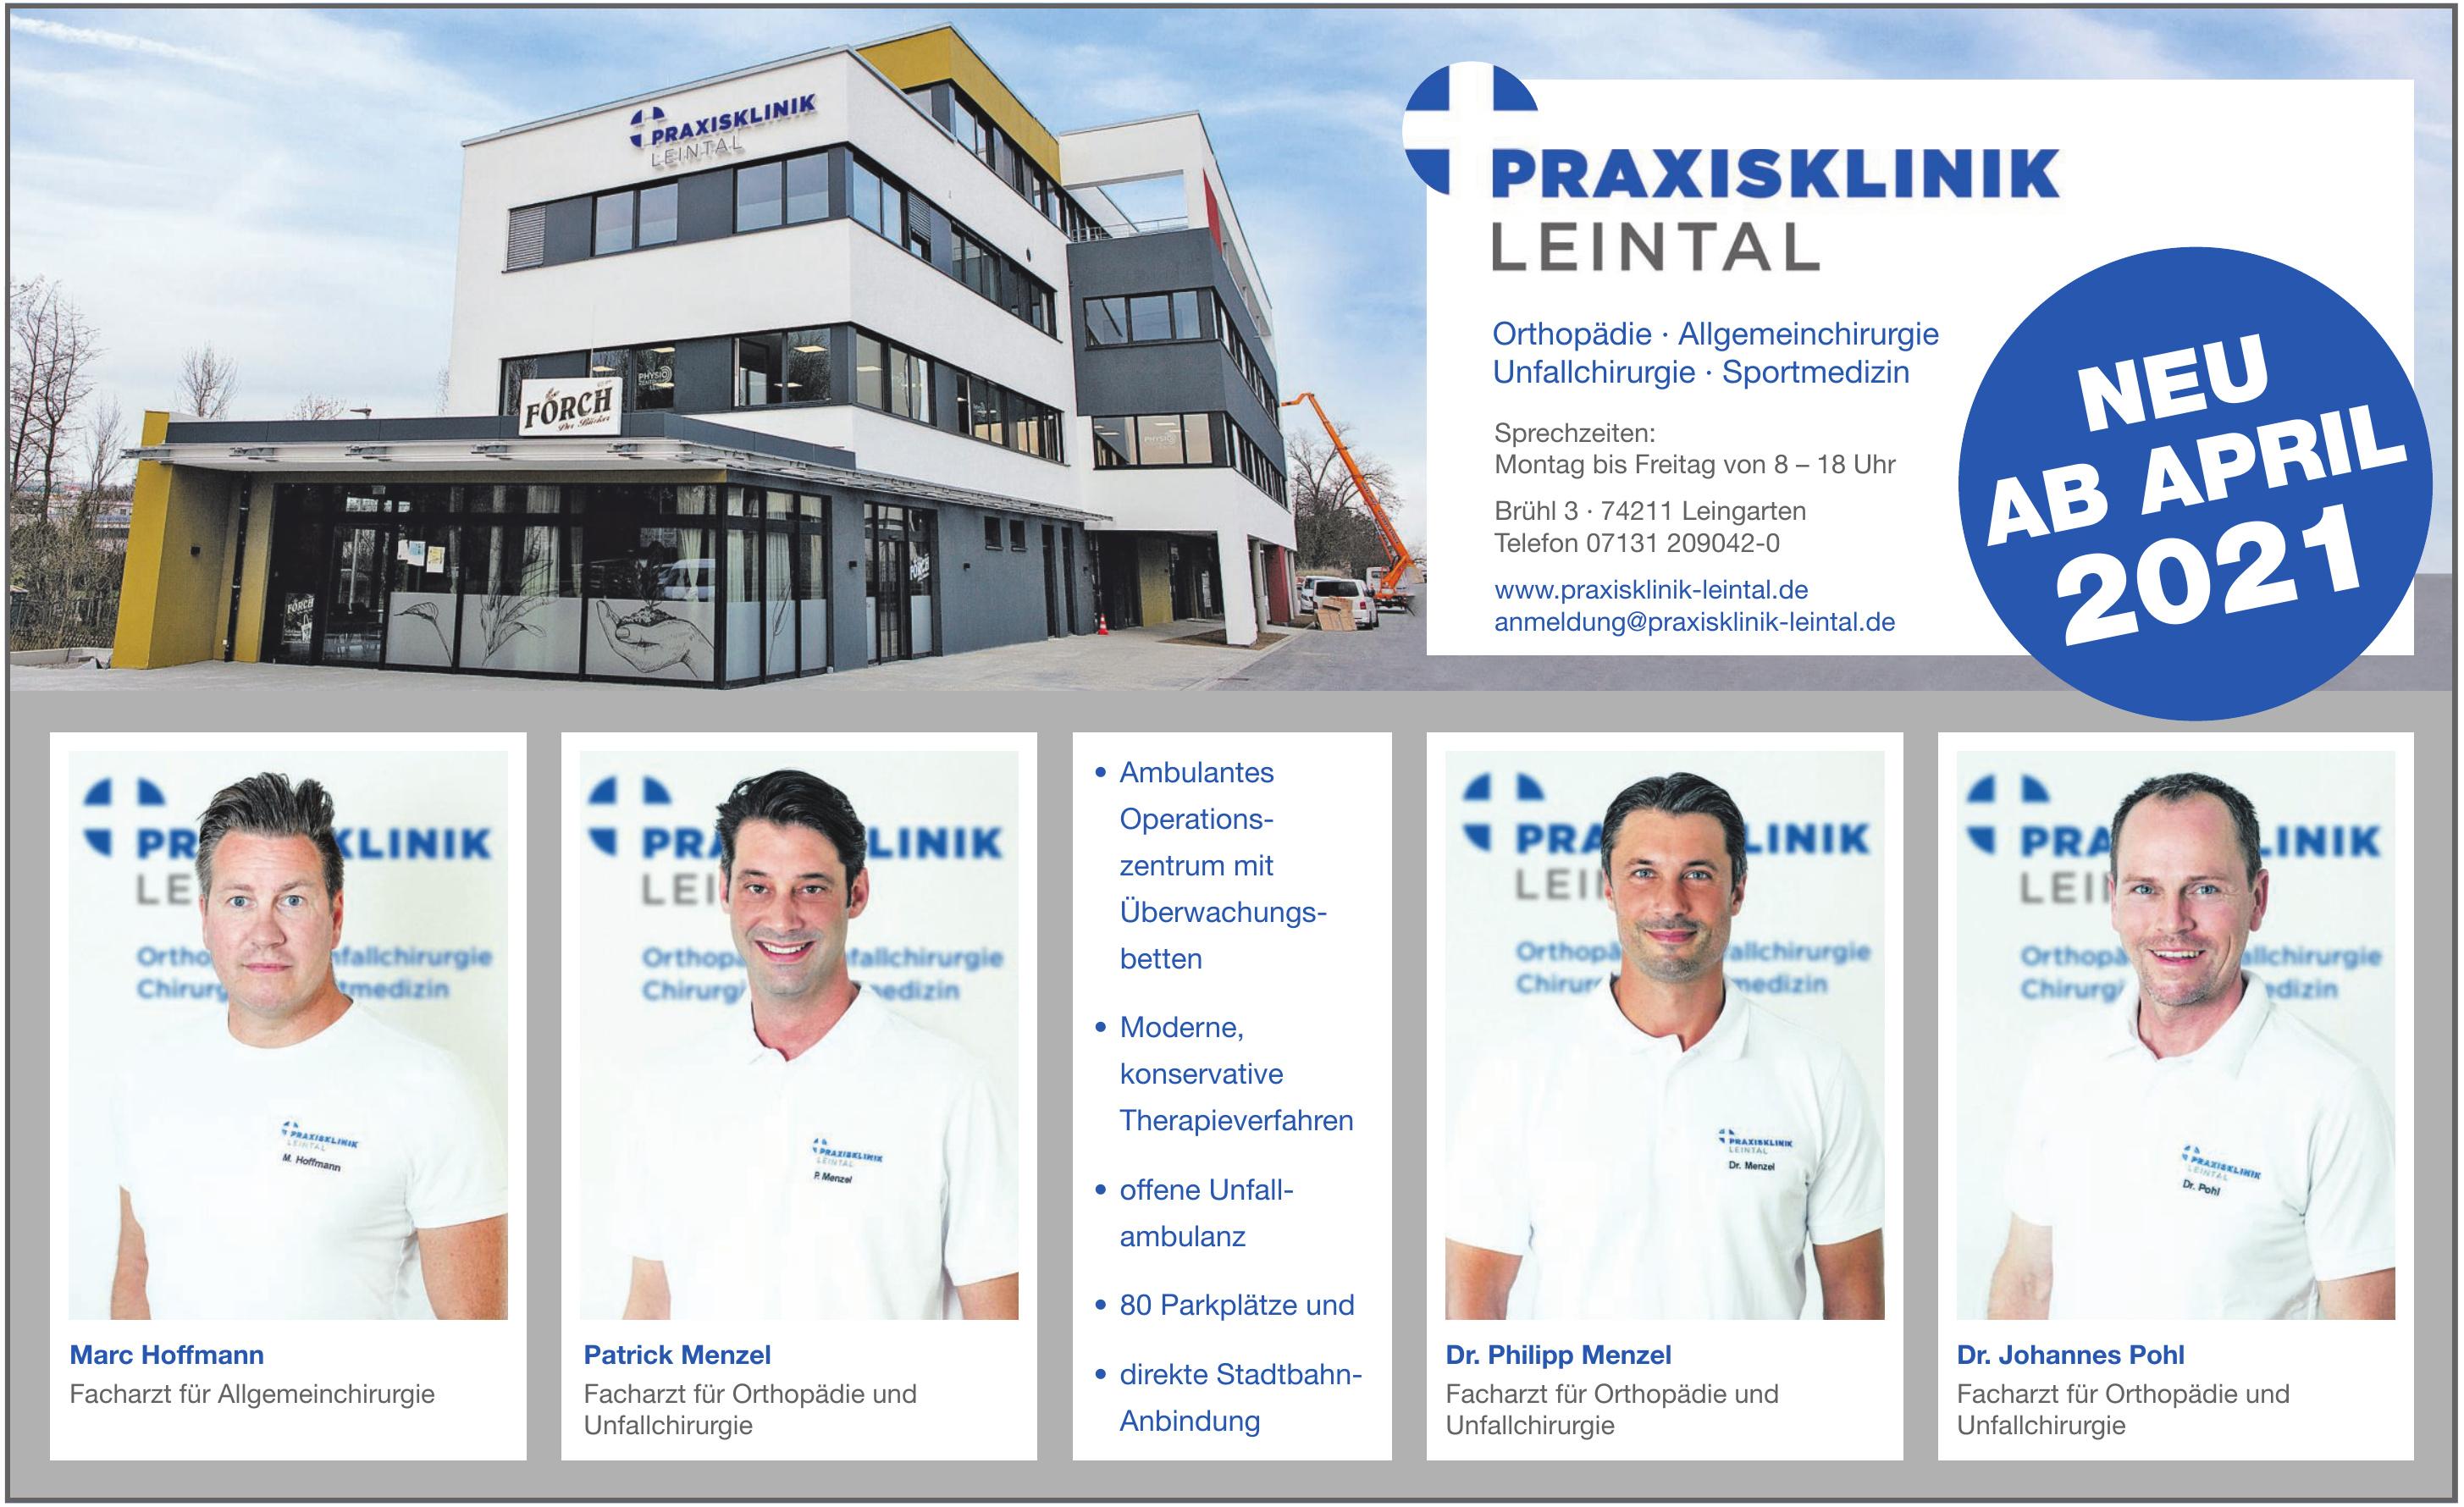 Praxisklinik Leintal